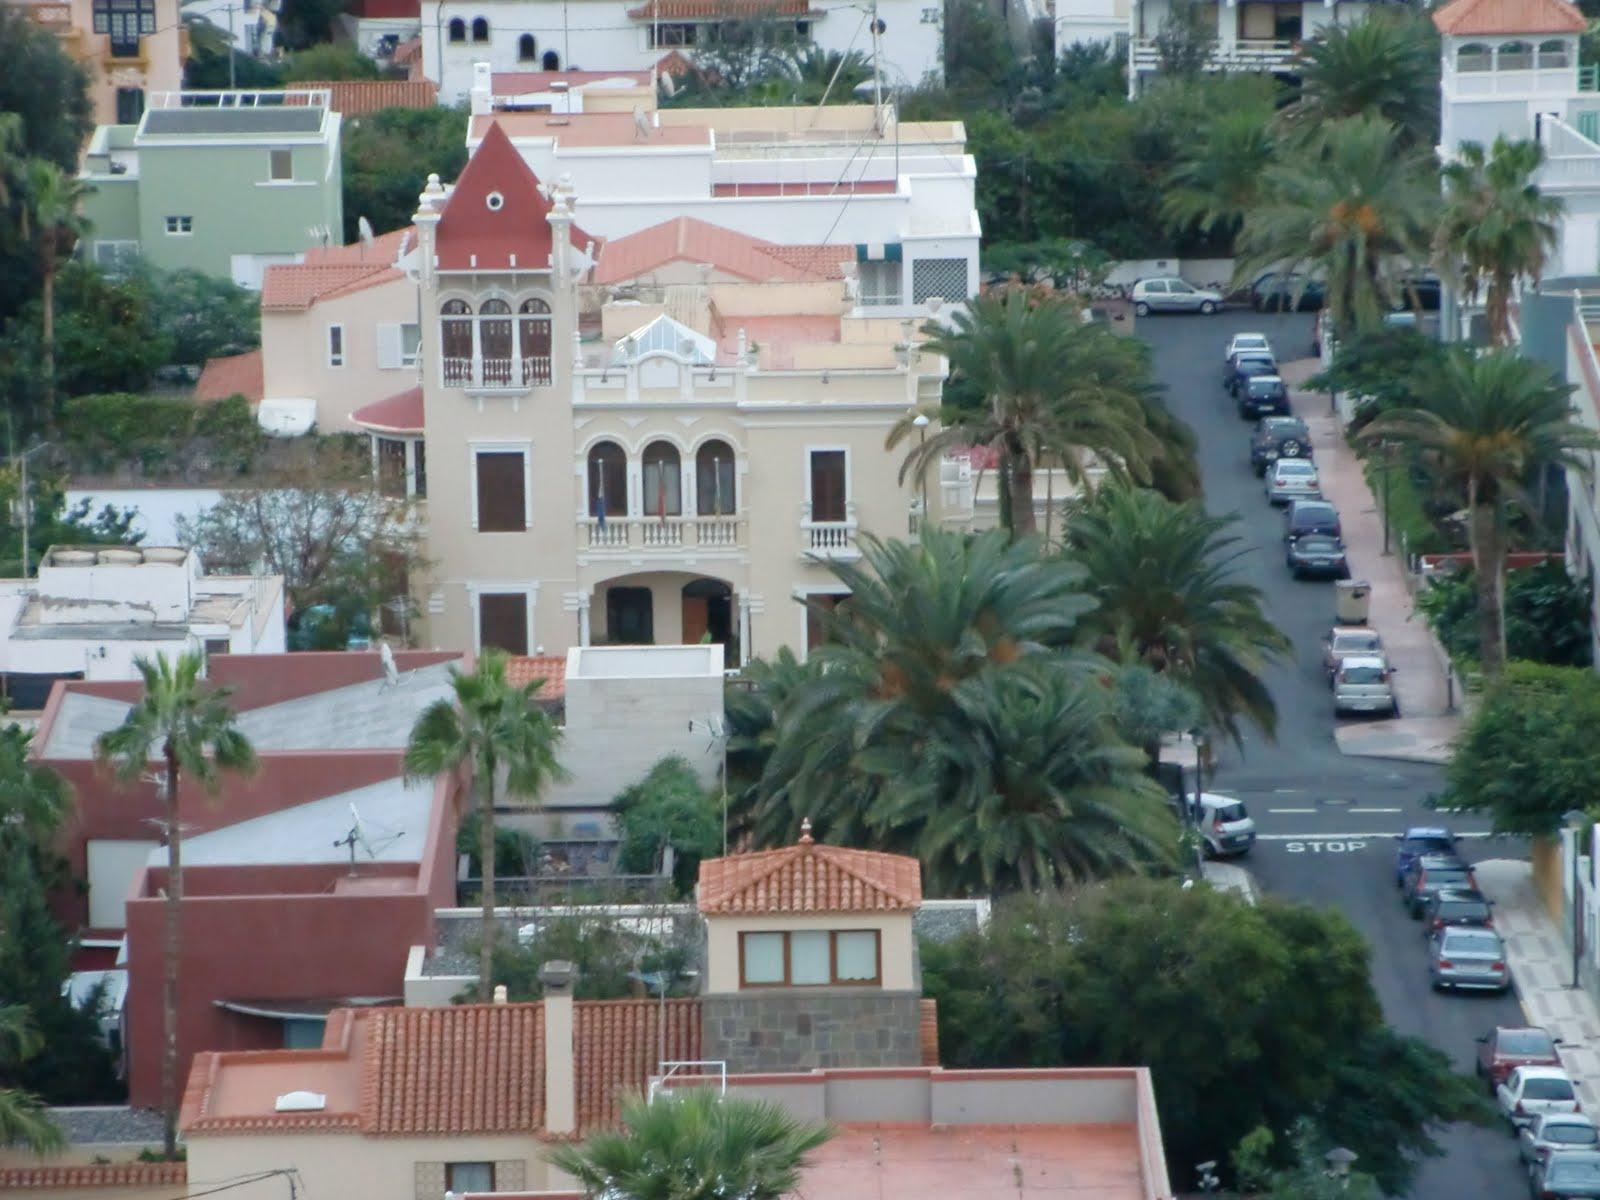 Ciudad jardin en las palmas de gran canaria se hace for Casas en ciudad jardin